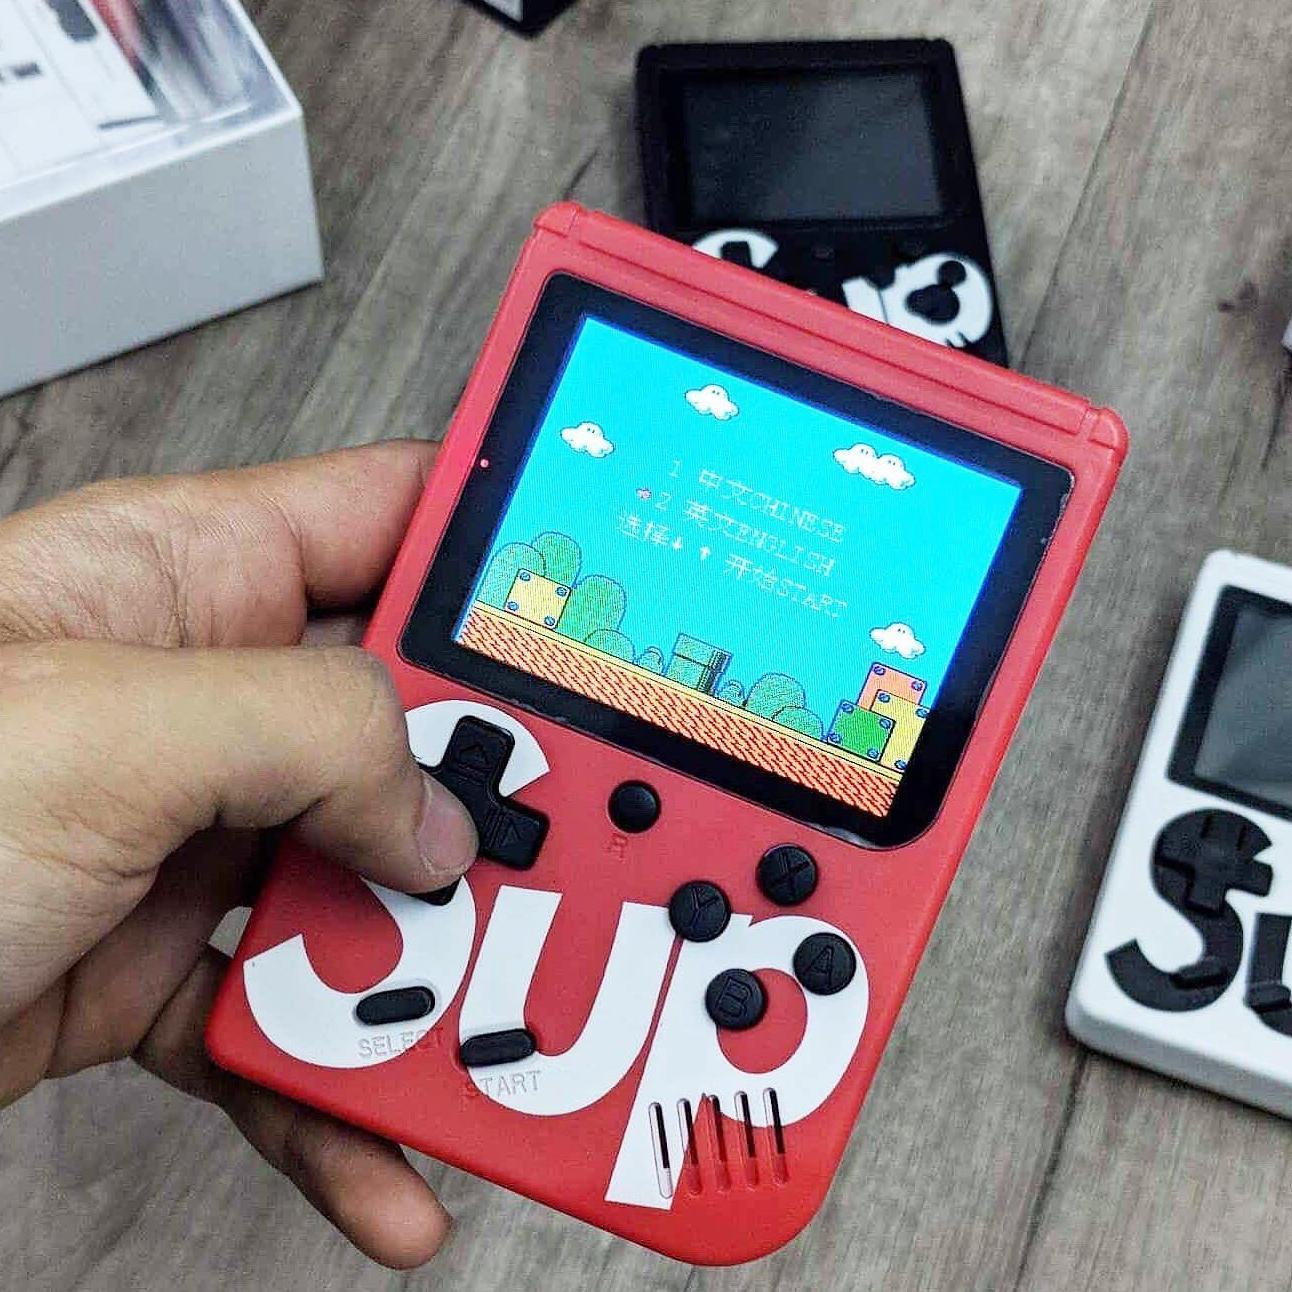 (GIÁ RẺ MỆT XỈU) Máy chơi 400 game Sup game box G1 Plus